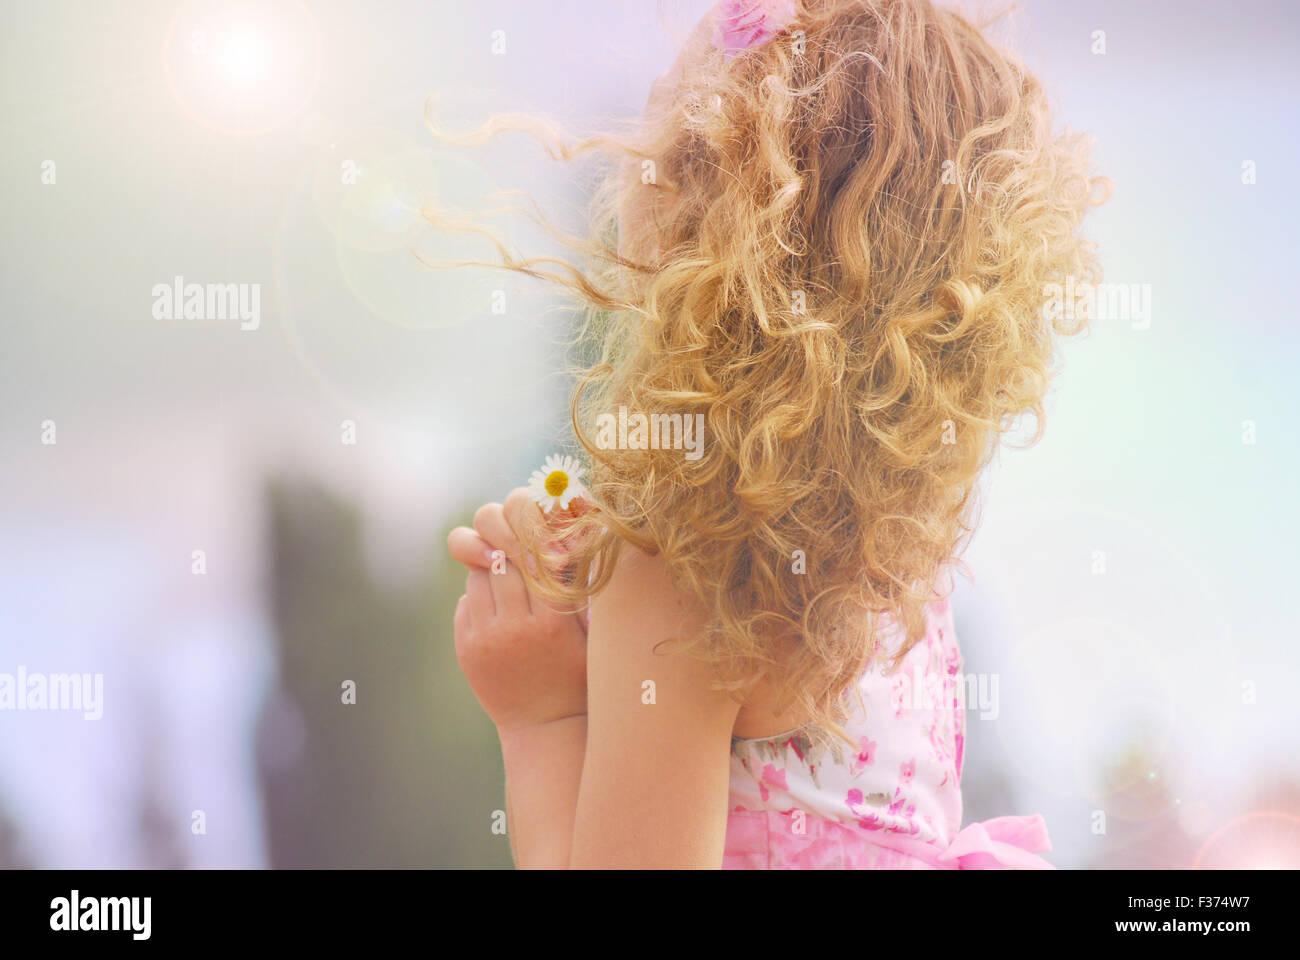 Cute Little Girl con flores en sus manos buscando el sol y el cielo Imagen De Stock